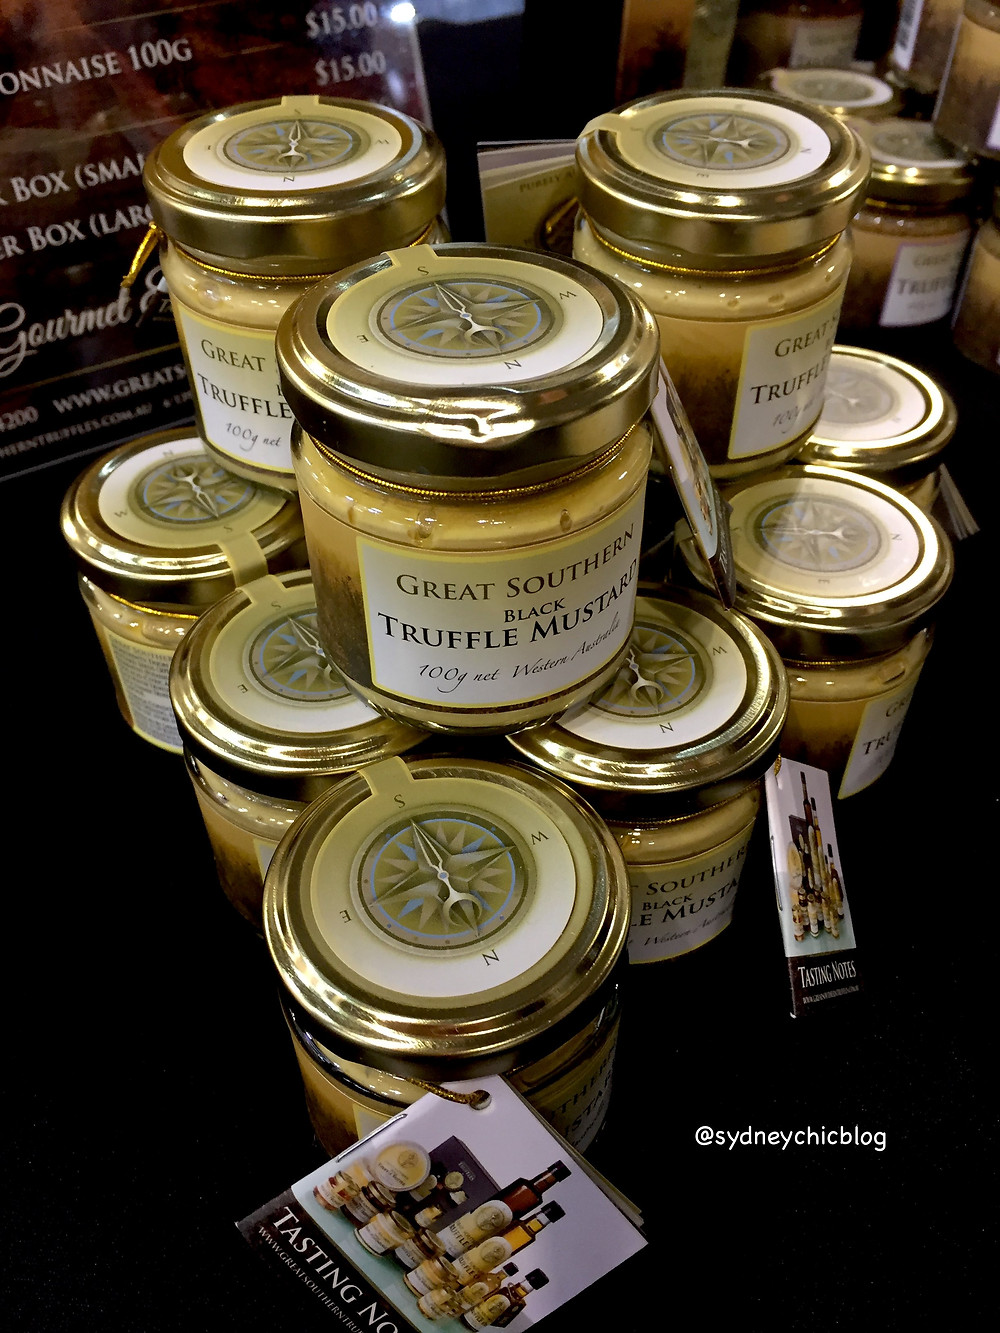 Great Southern Truffle Mustard